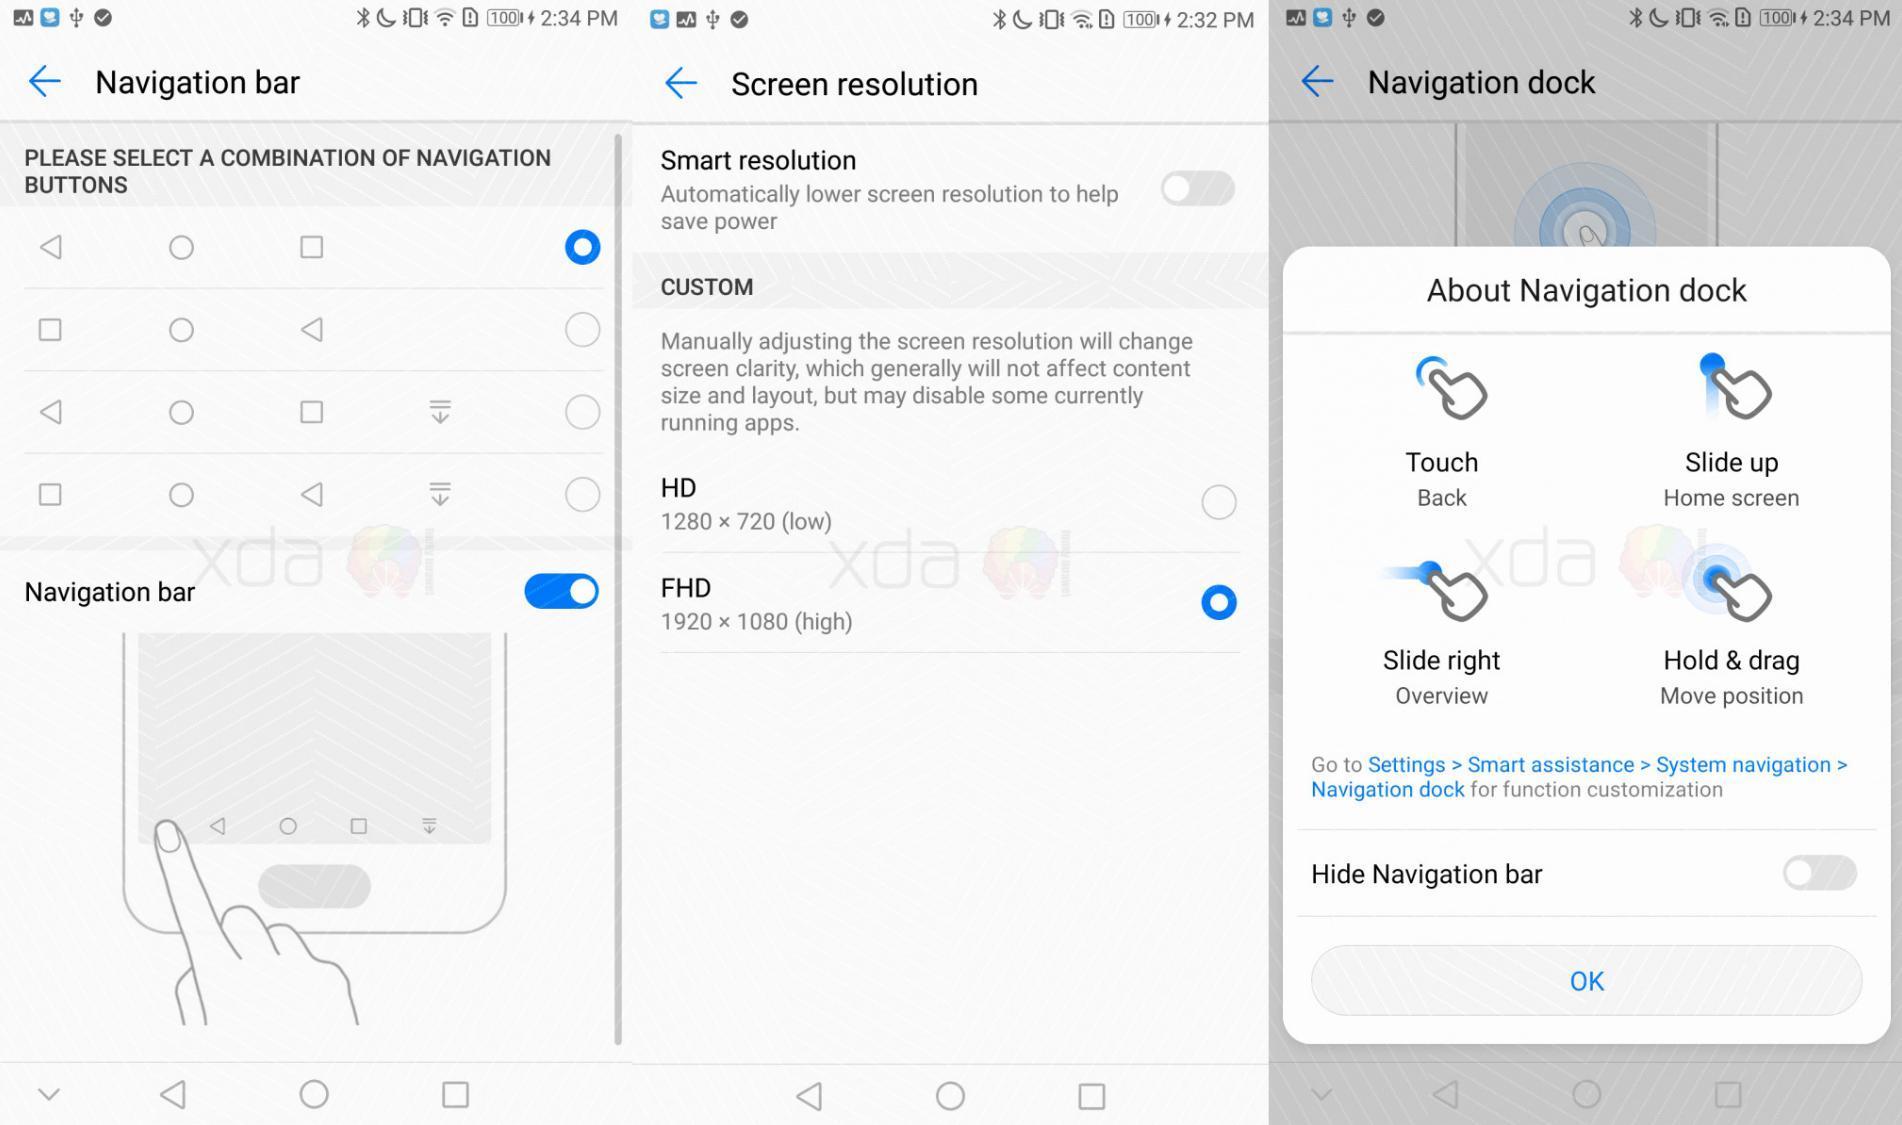 Скриншоты смартфона Huawei Mate 9 работающего на Android Oreo